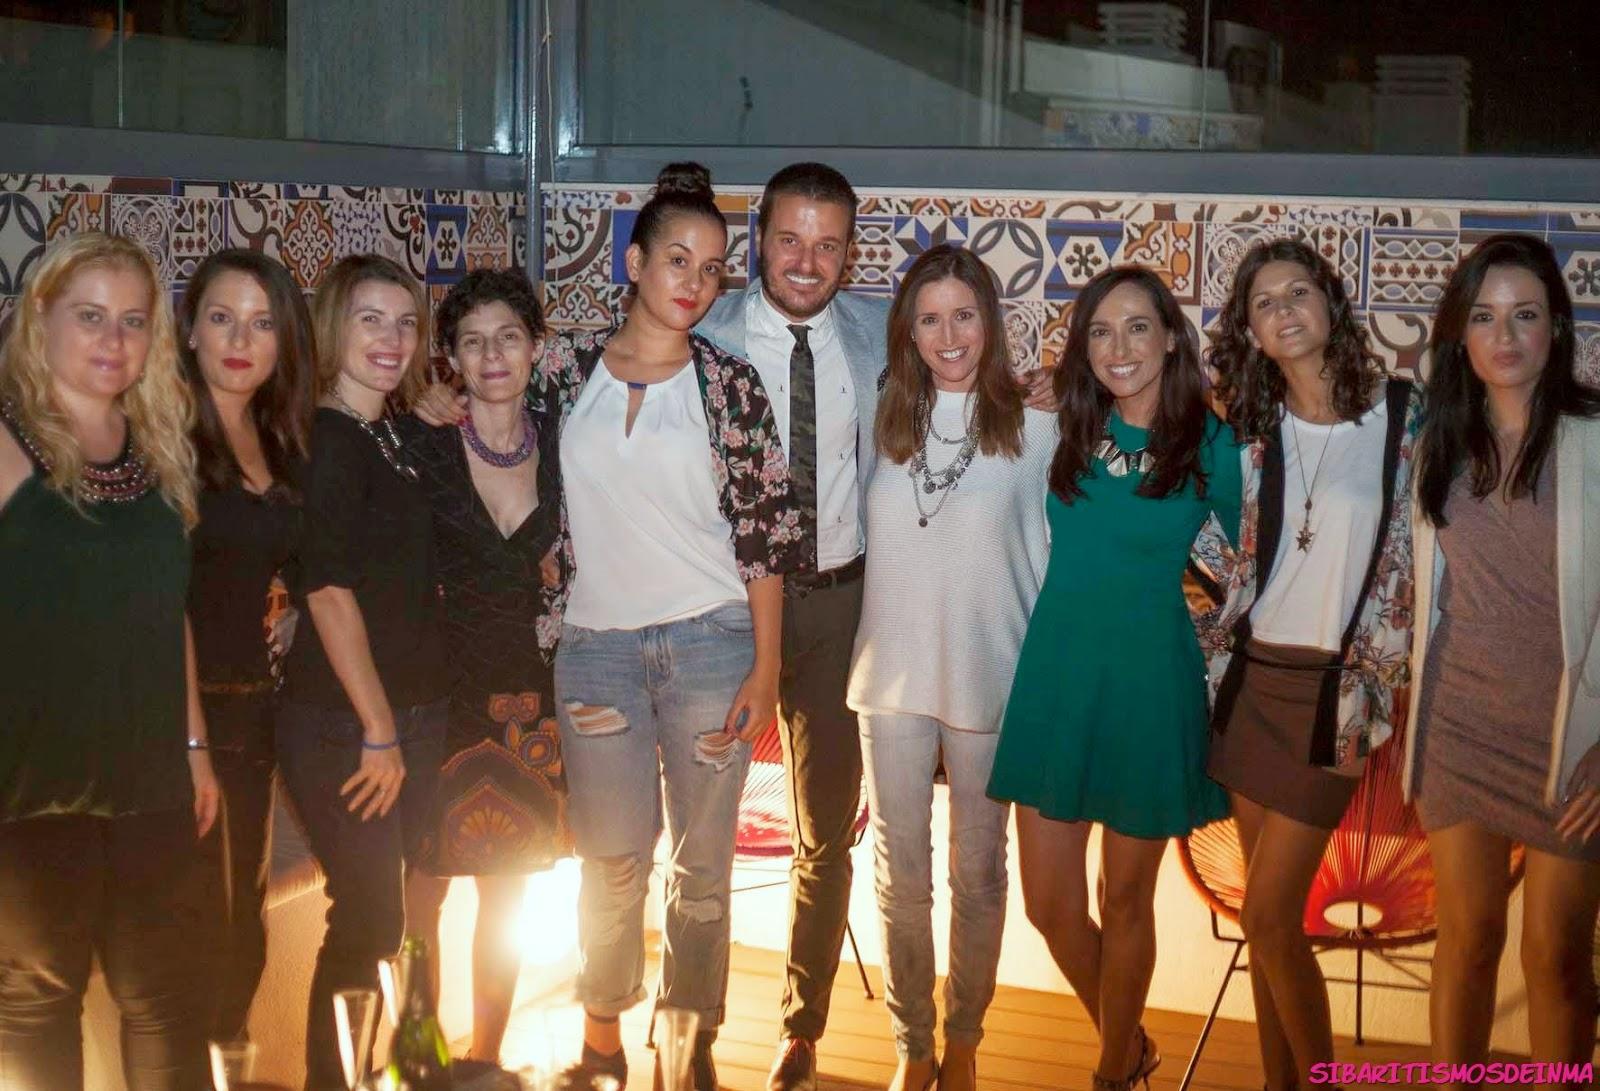 Baños Arabes Plaza Vieja Almeria:Tuvimos sorteo de I LOVE PADEL, tienda nueva en Almería especializada